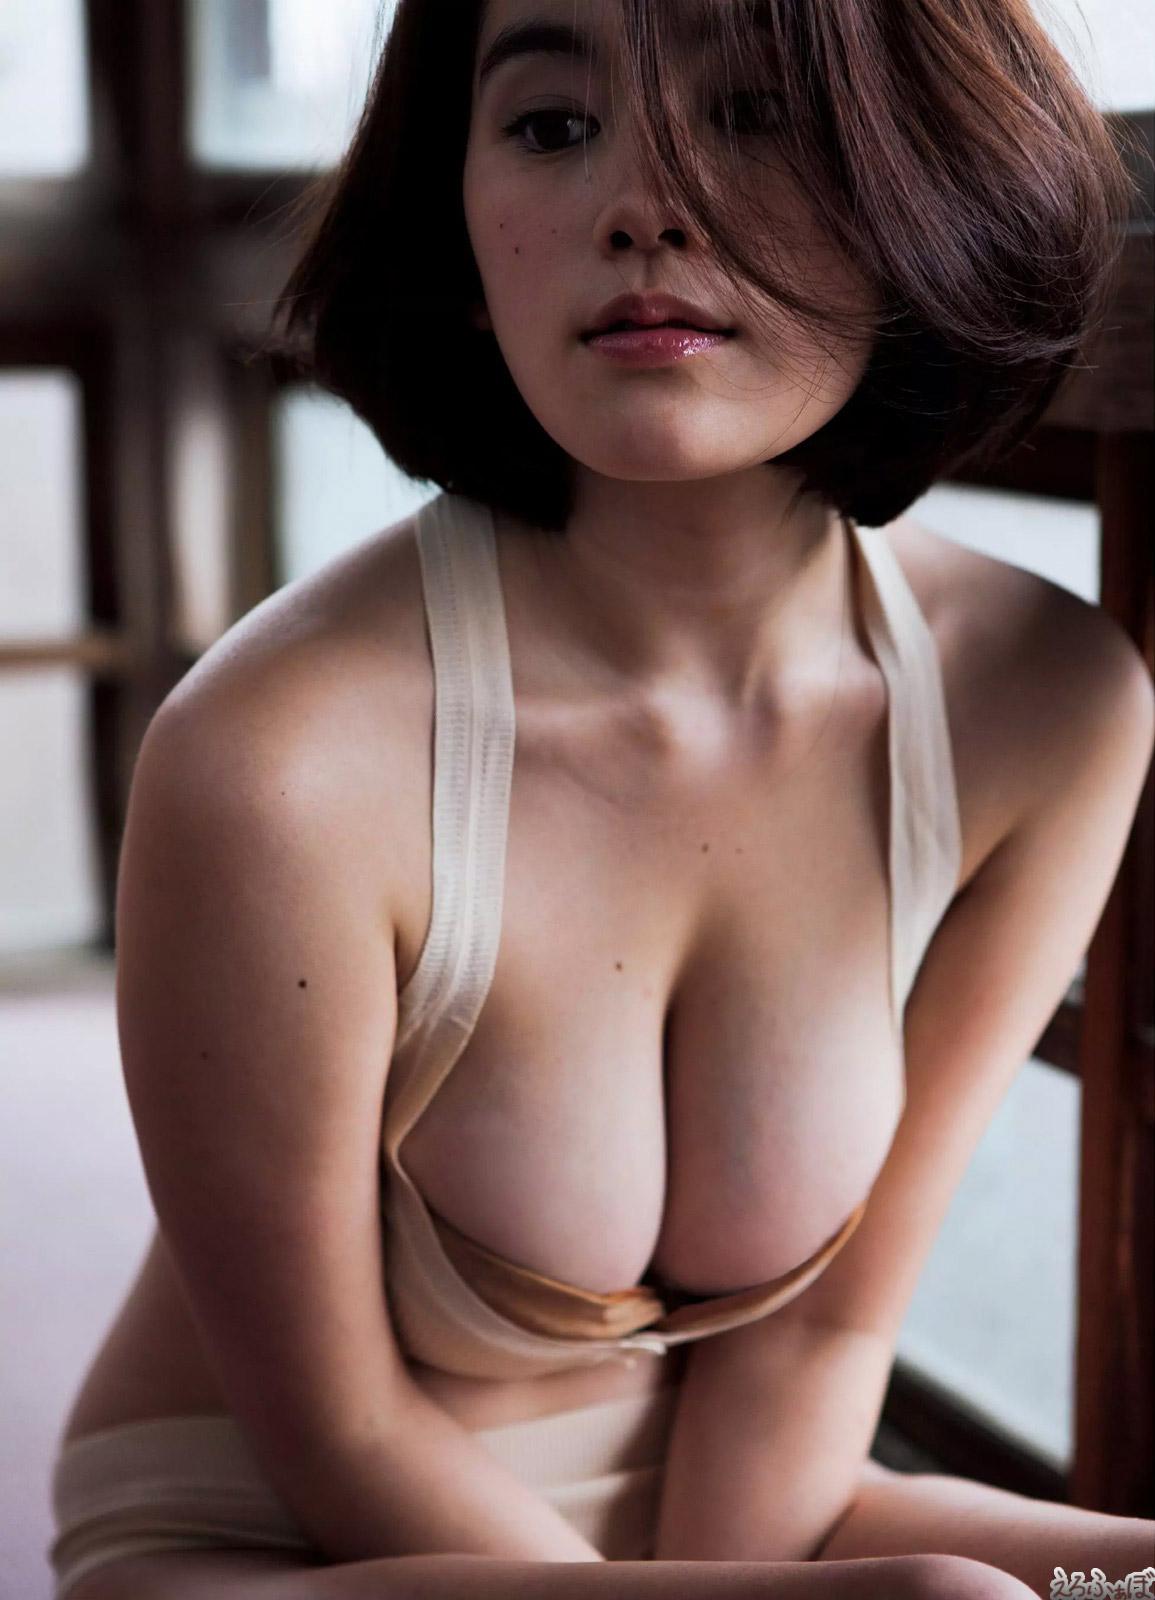 セレブ妻完堕ちレイプ | [GYOE-09] 2 JavArchive.com 黒田麻世